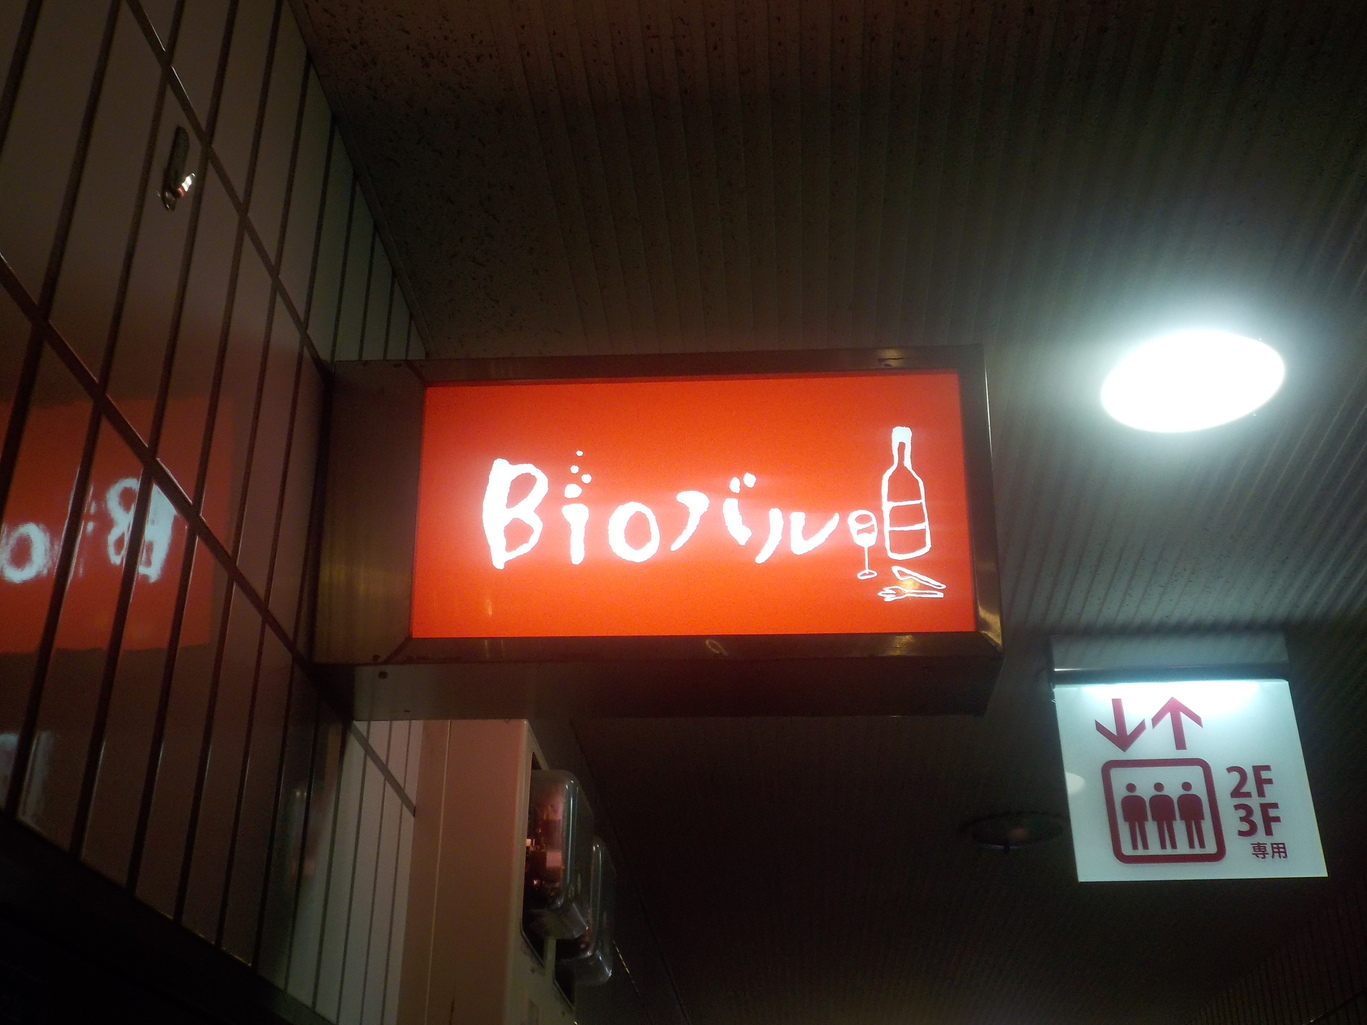 Bioバル